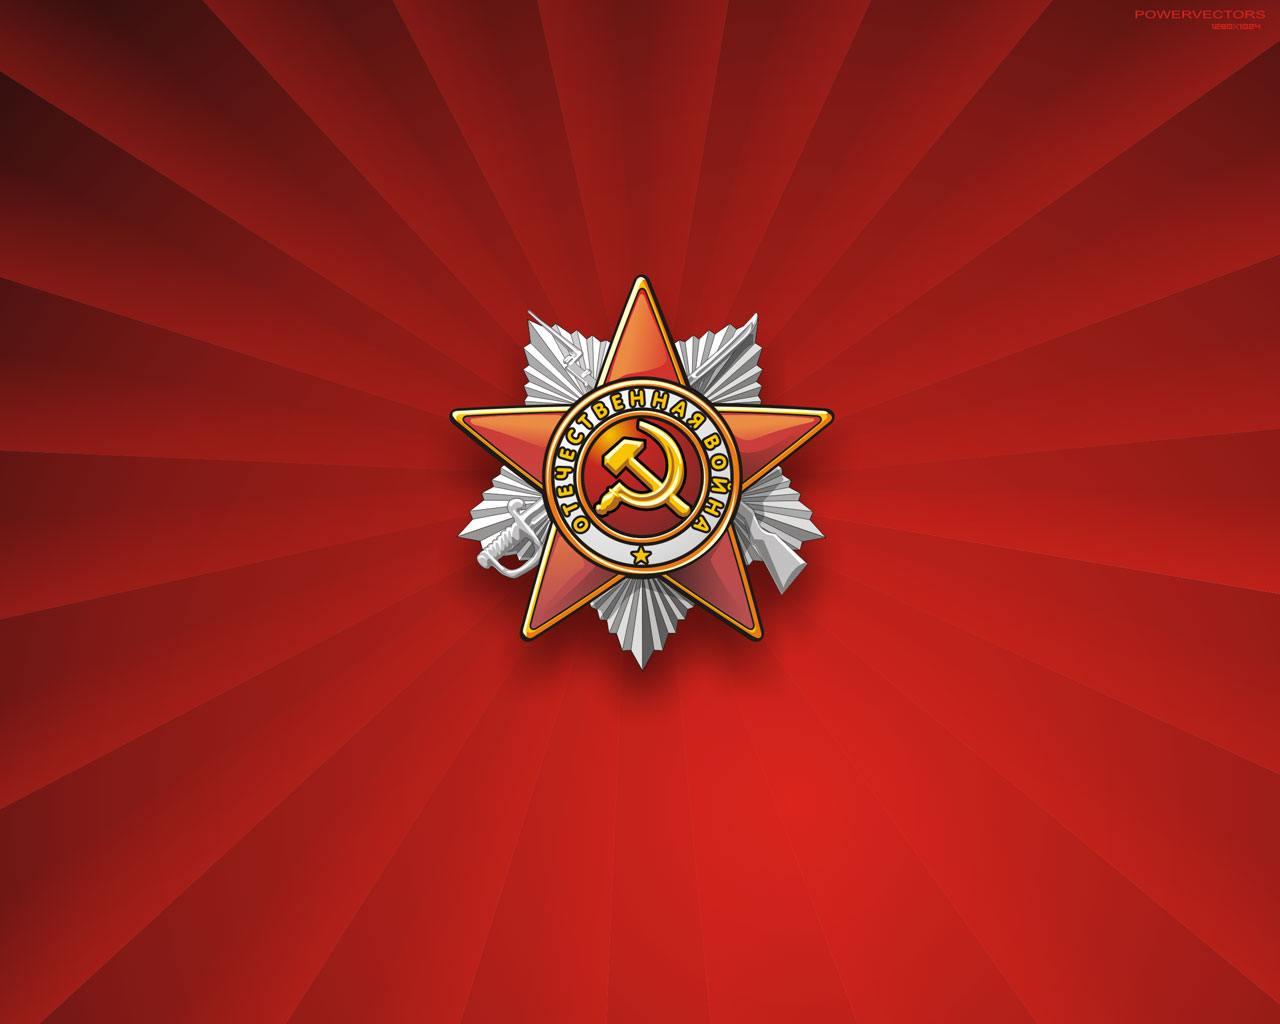 소련의 유인 달 탐사 계획 5 -  아이언 스카이? 레드..